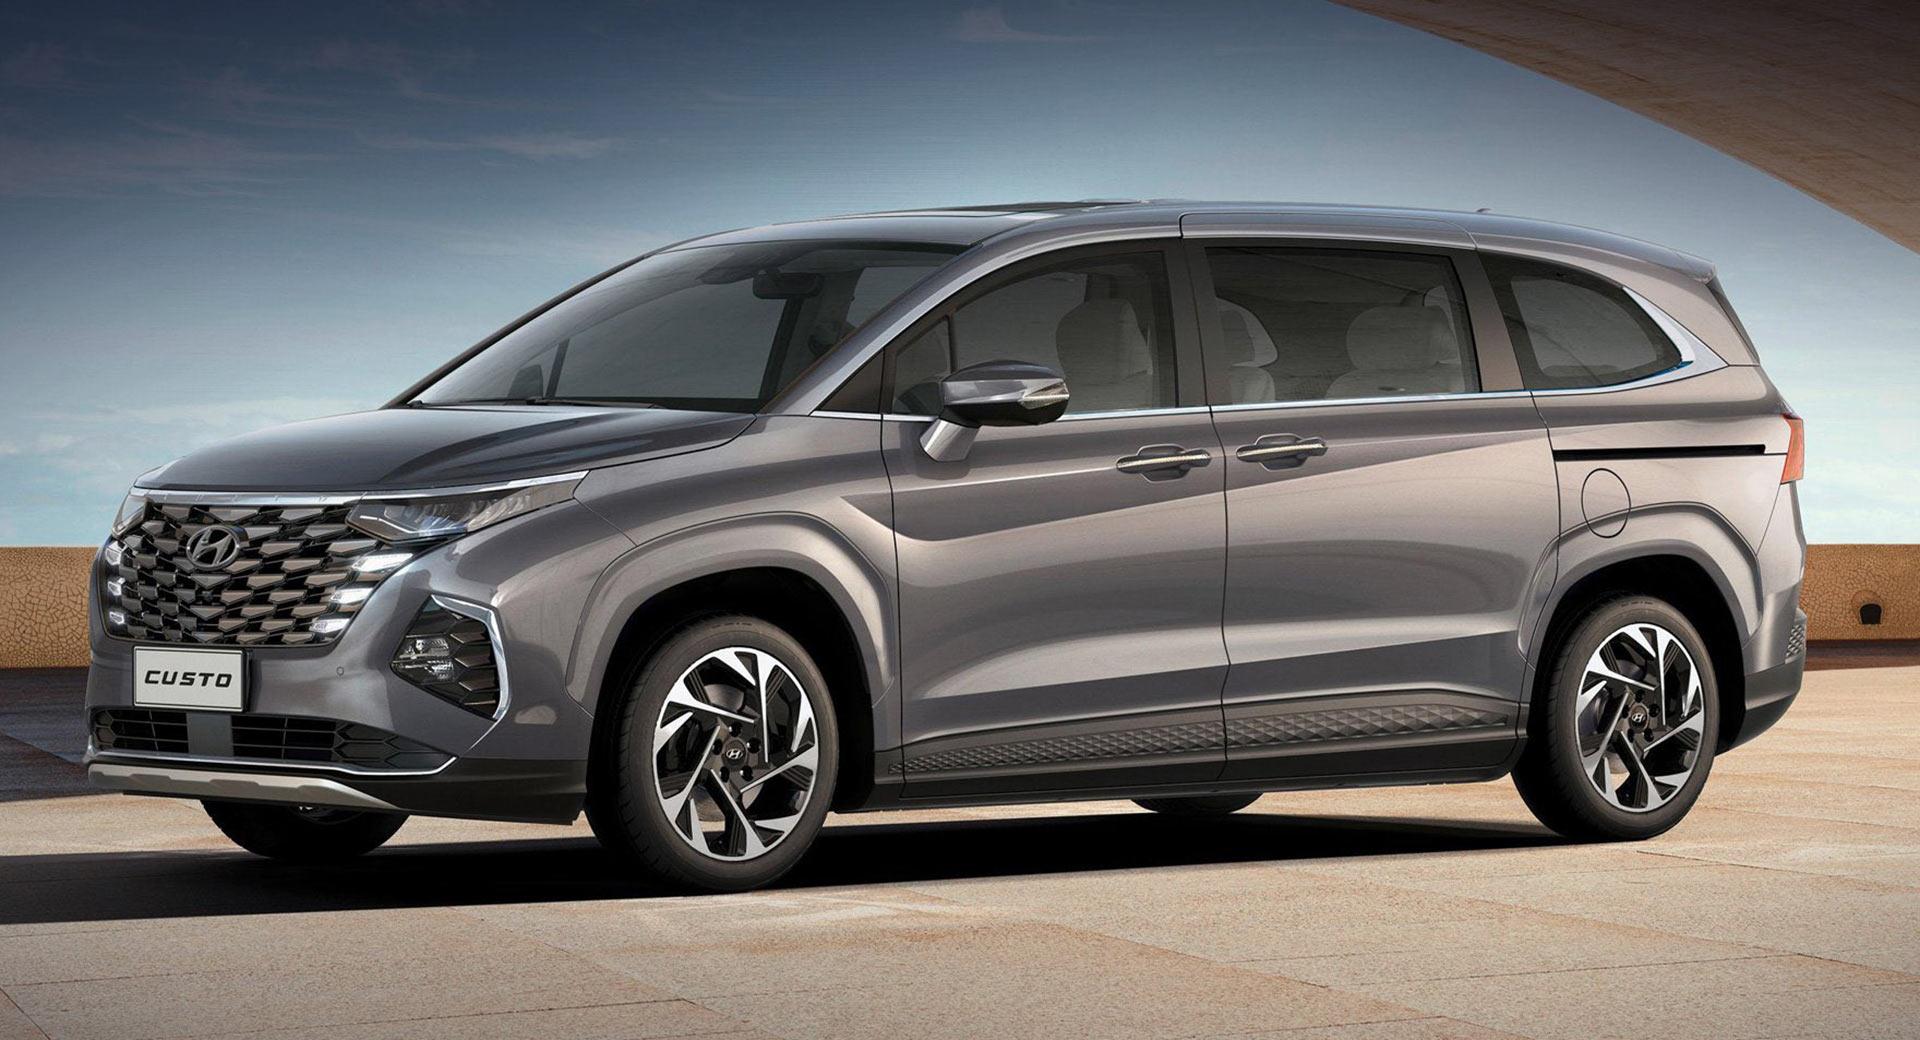 Hyundai Hadirkan Custo Sebagai MPV dengan Kabin Yang Futuristik